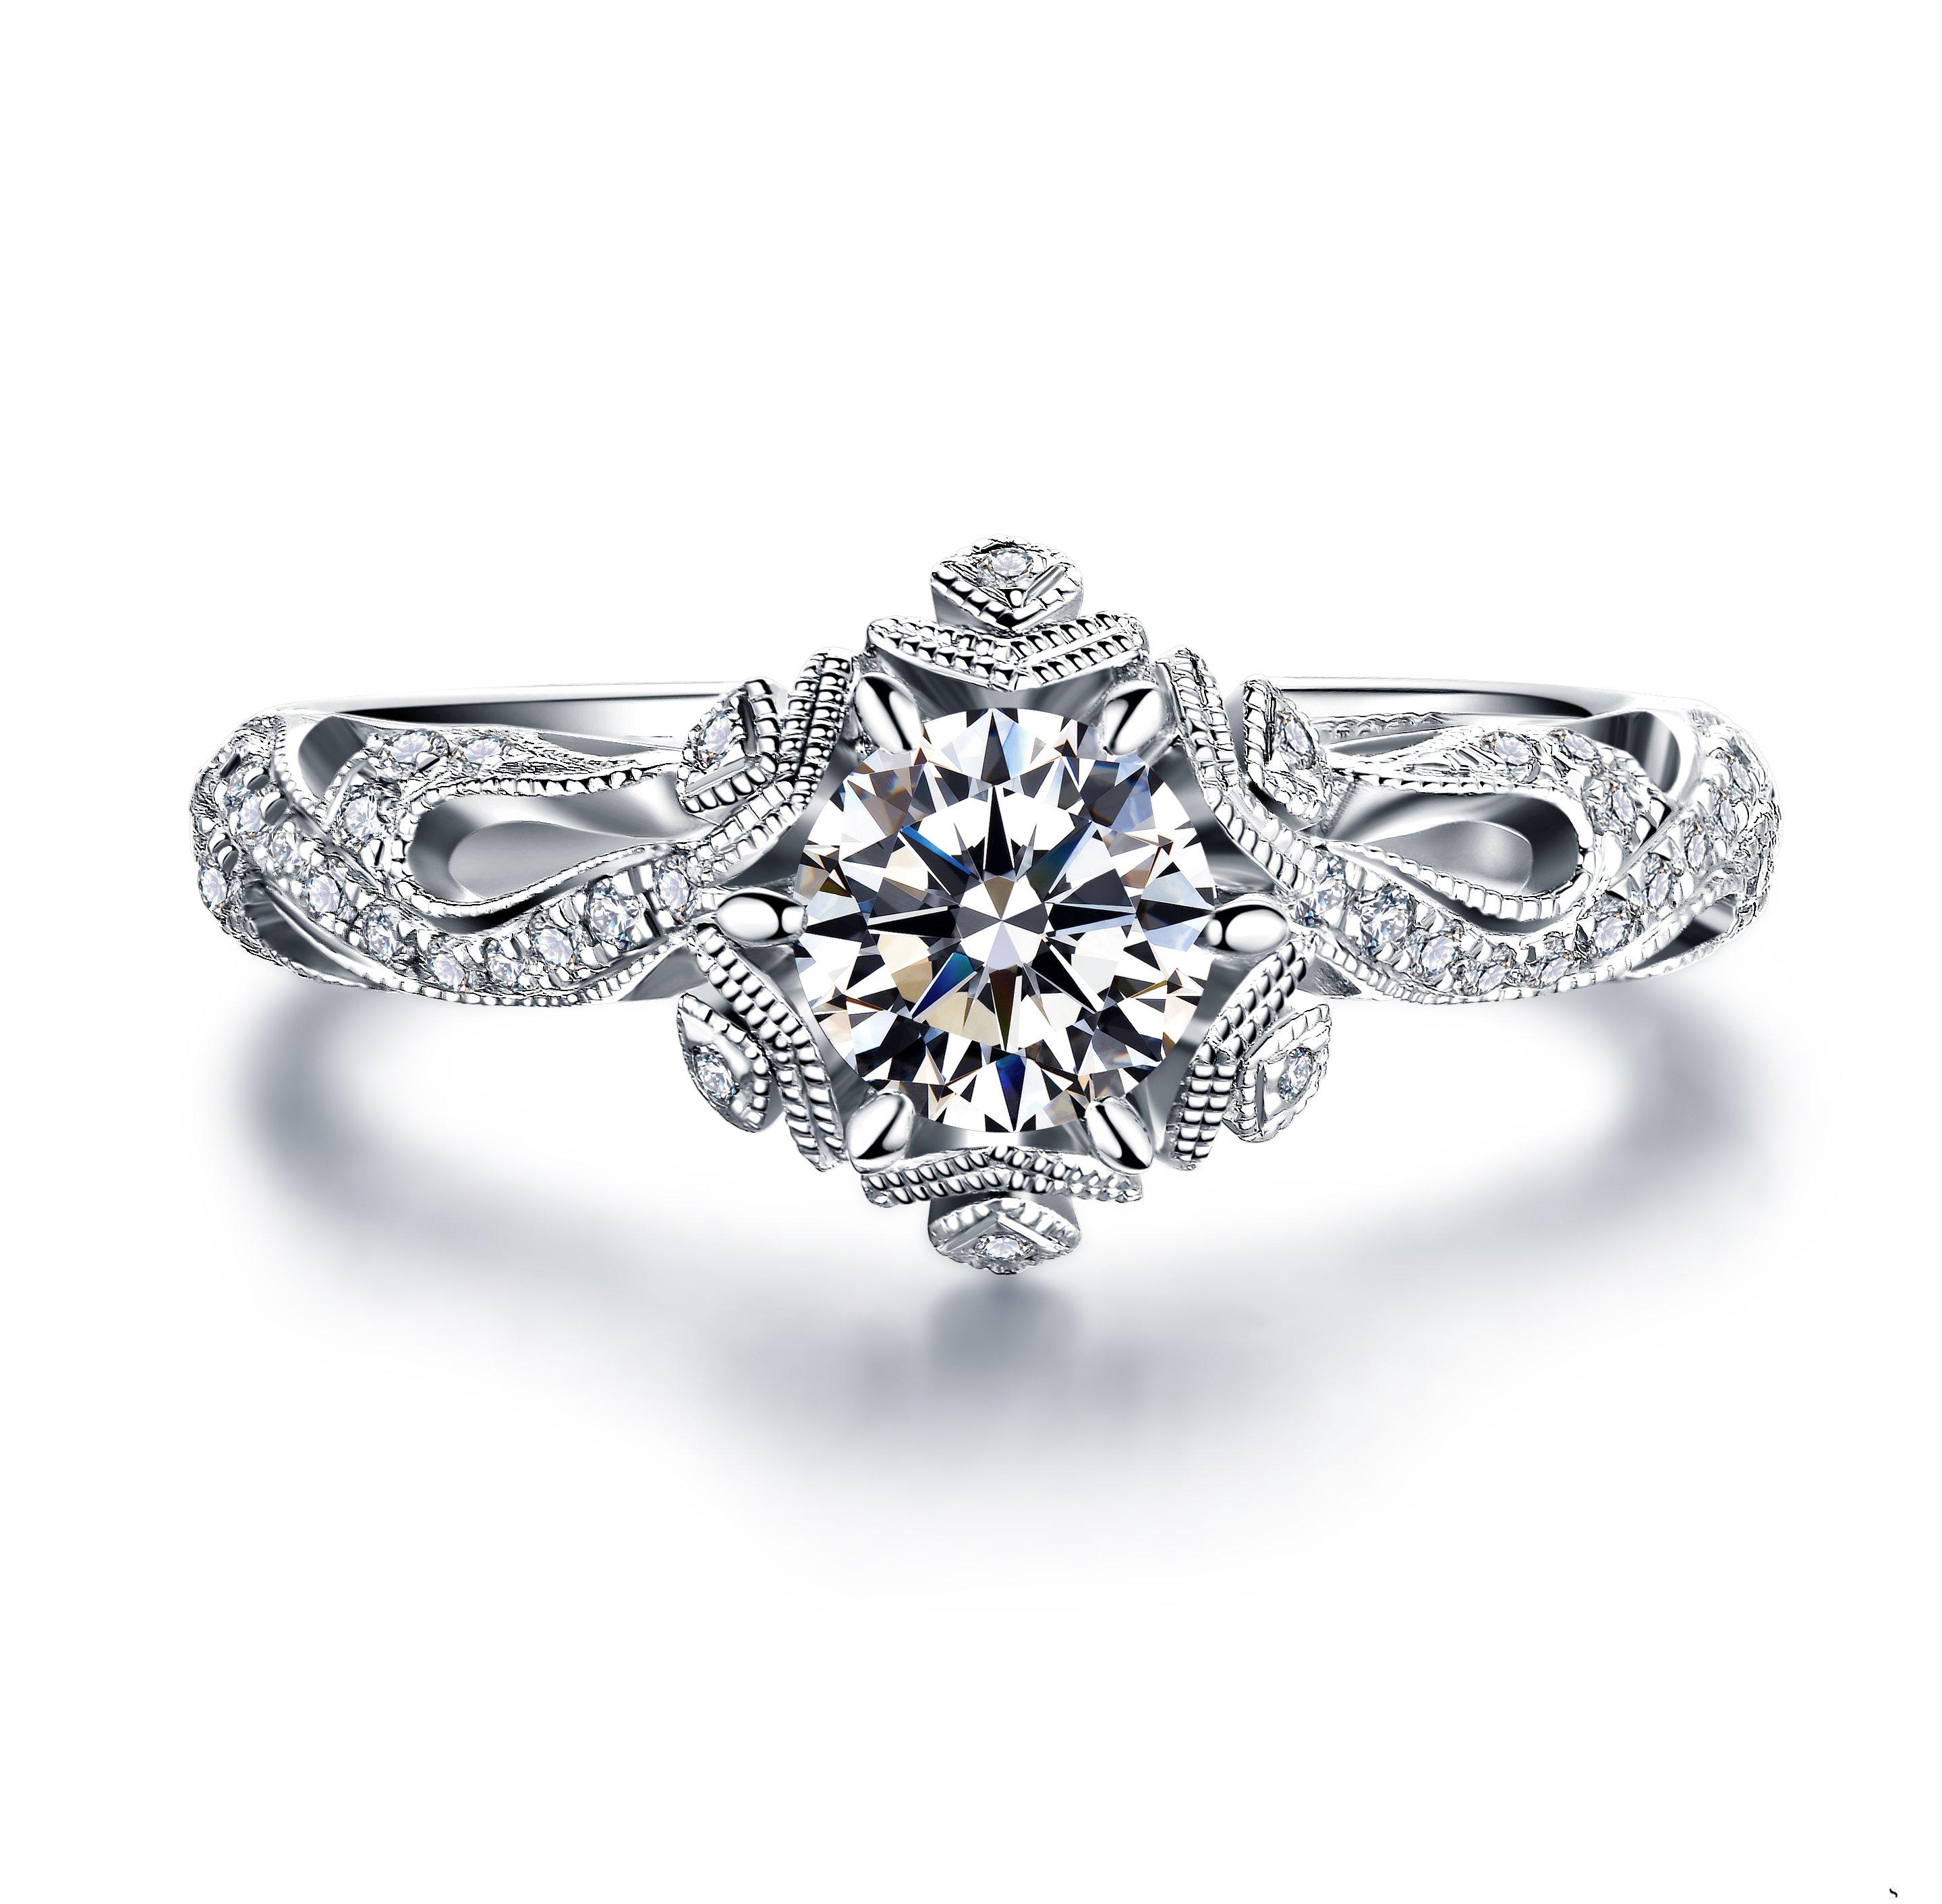 一万元能够买到什么样的钻戒,有回收价值吗?